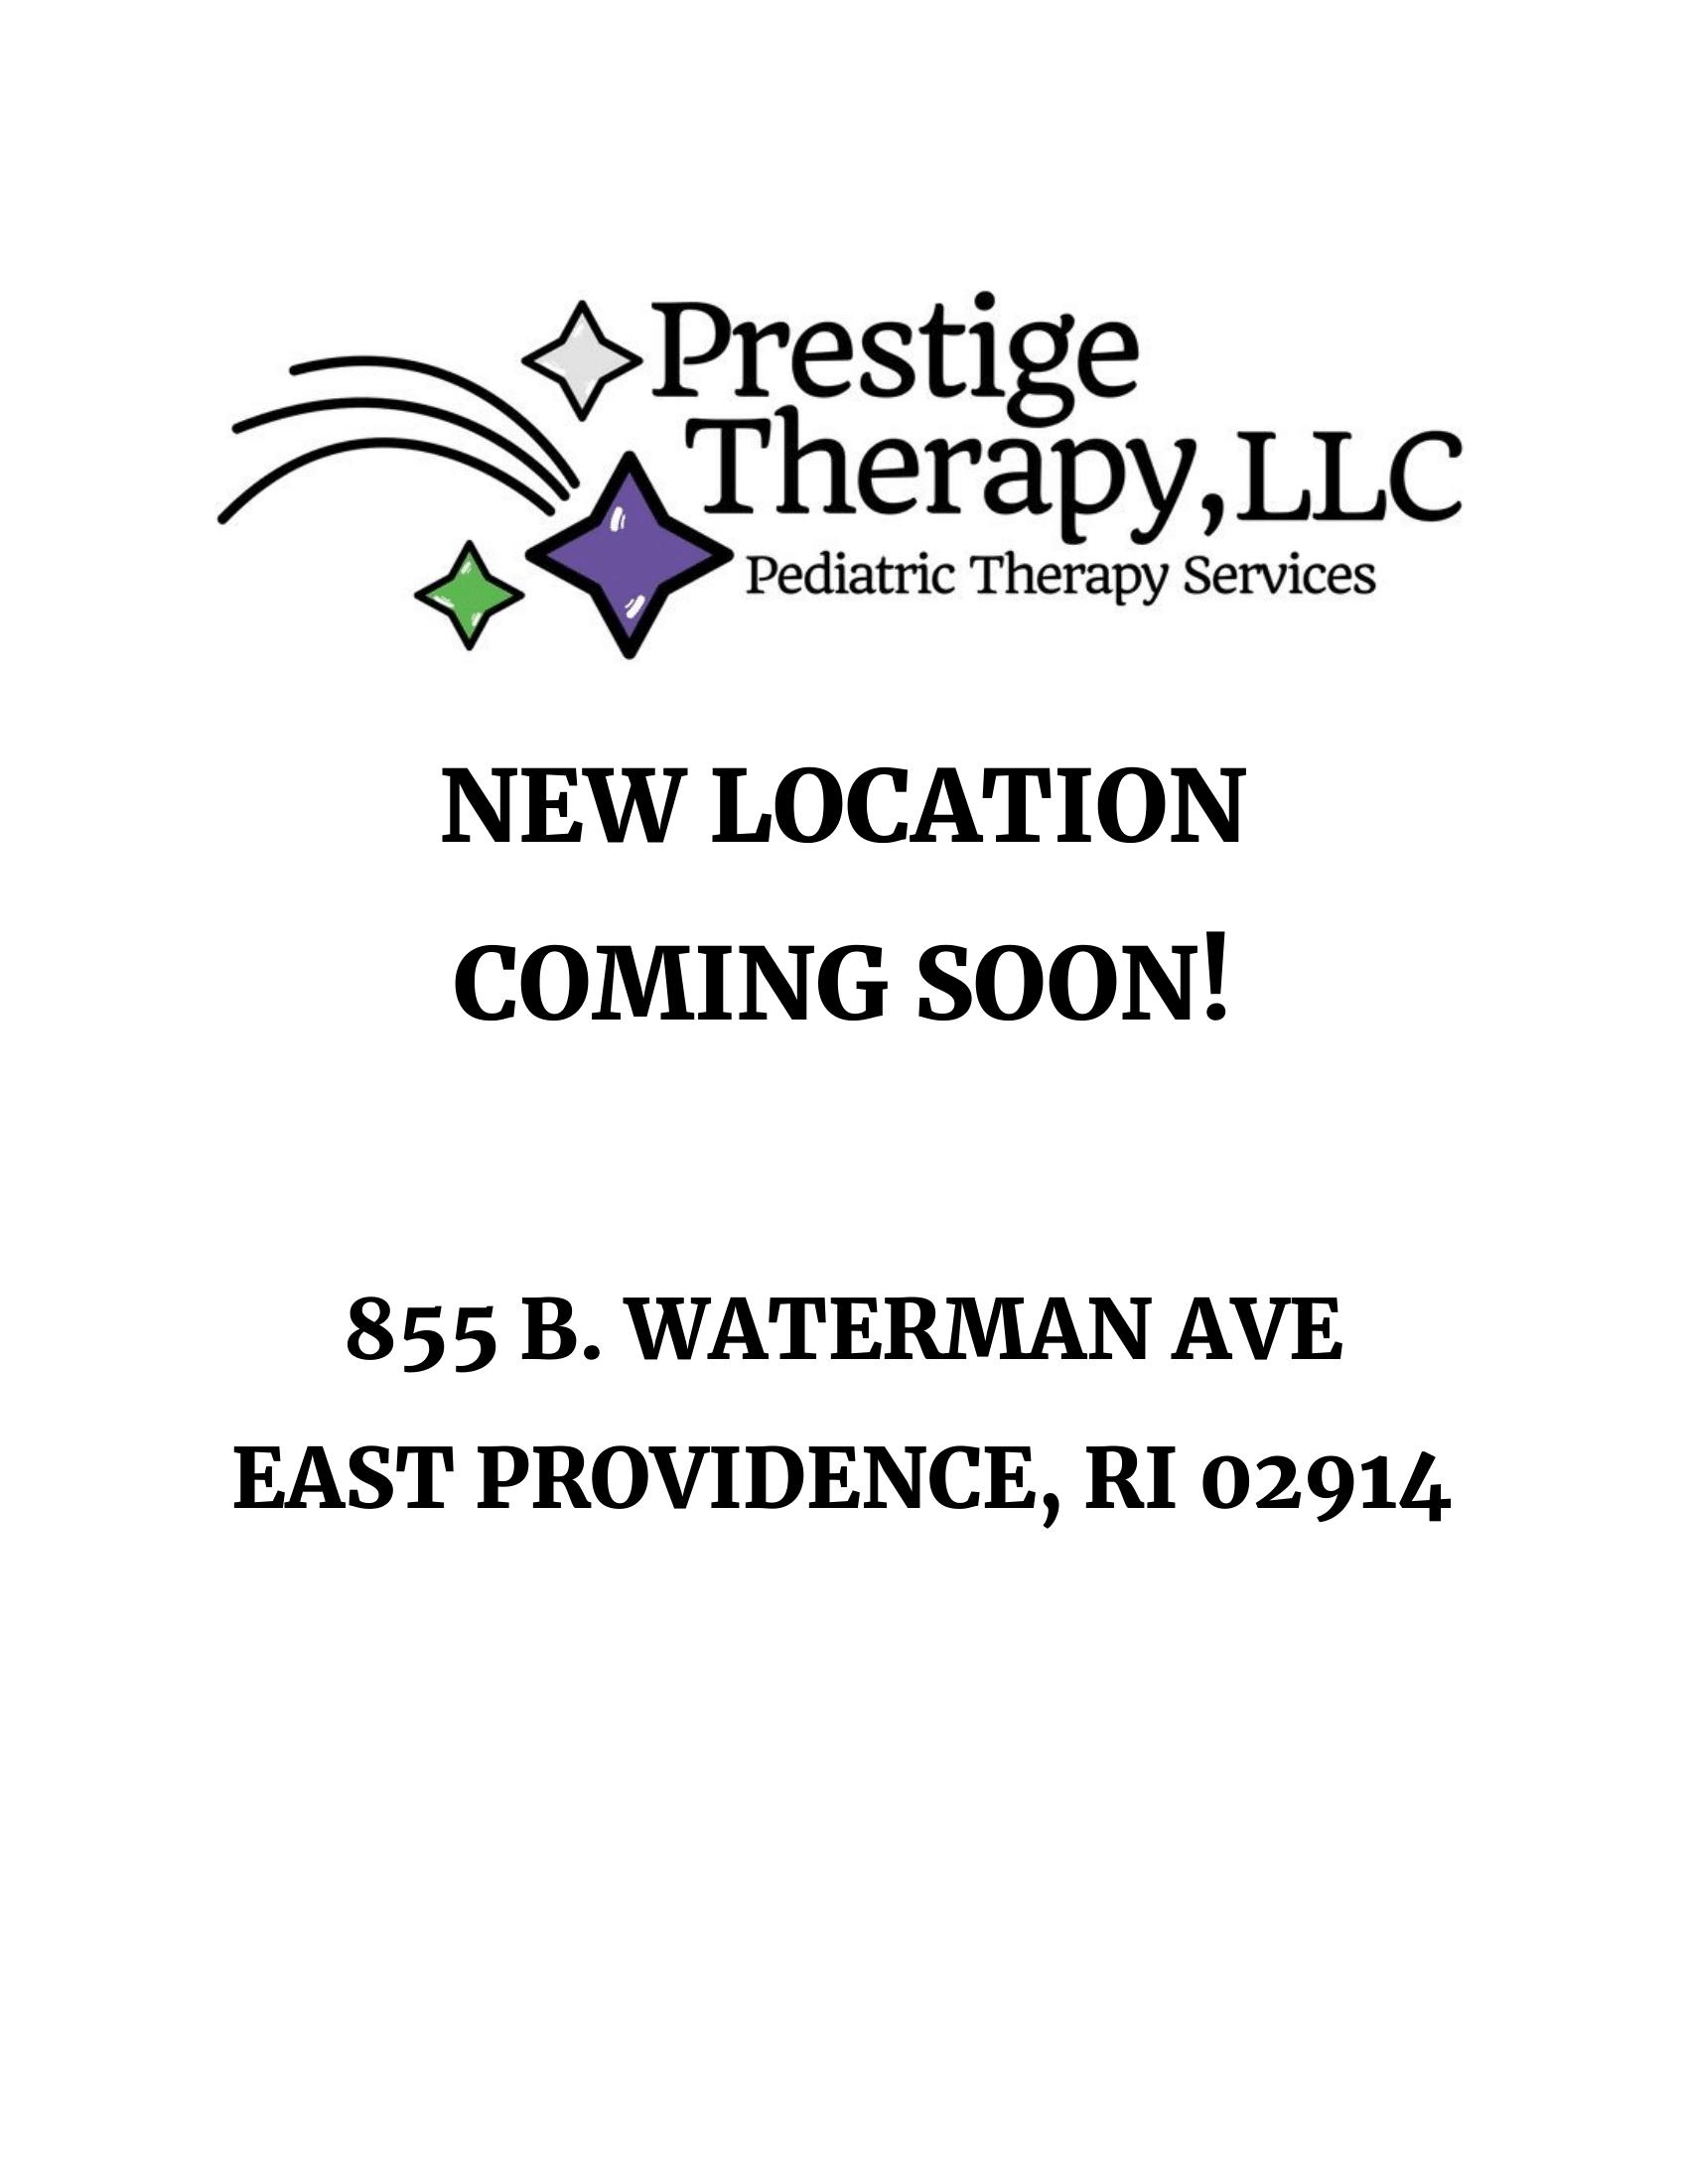 855 B Waterman Ave East Providence, RI 02914